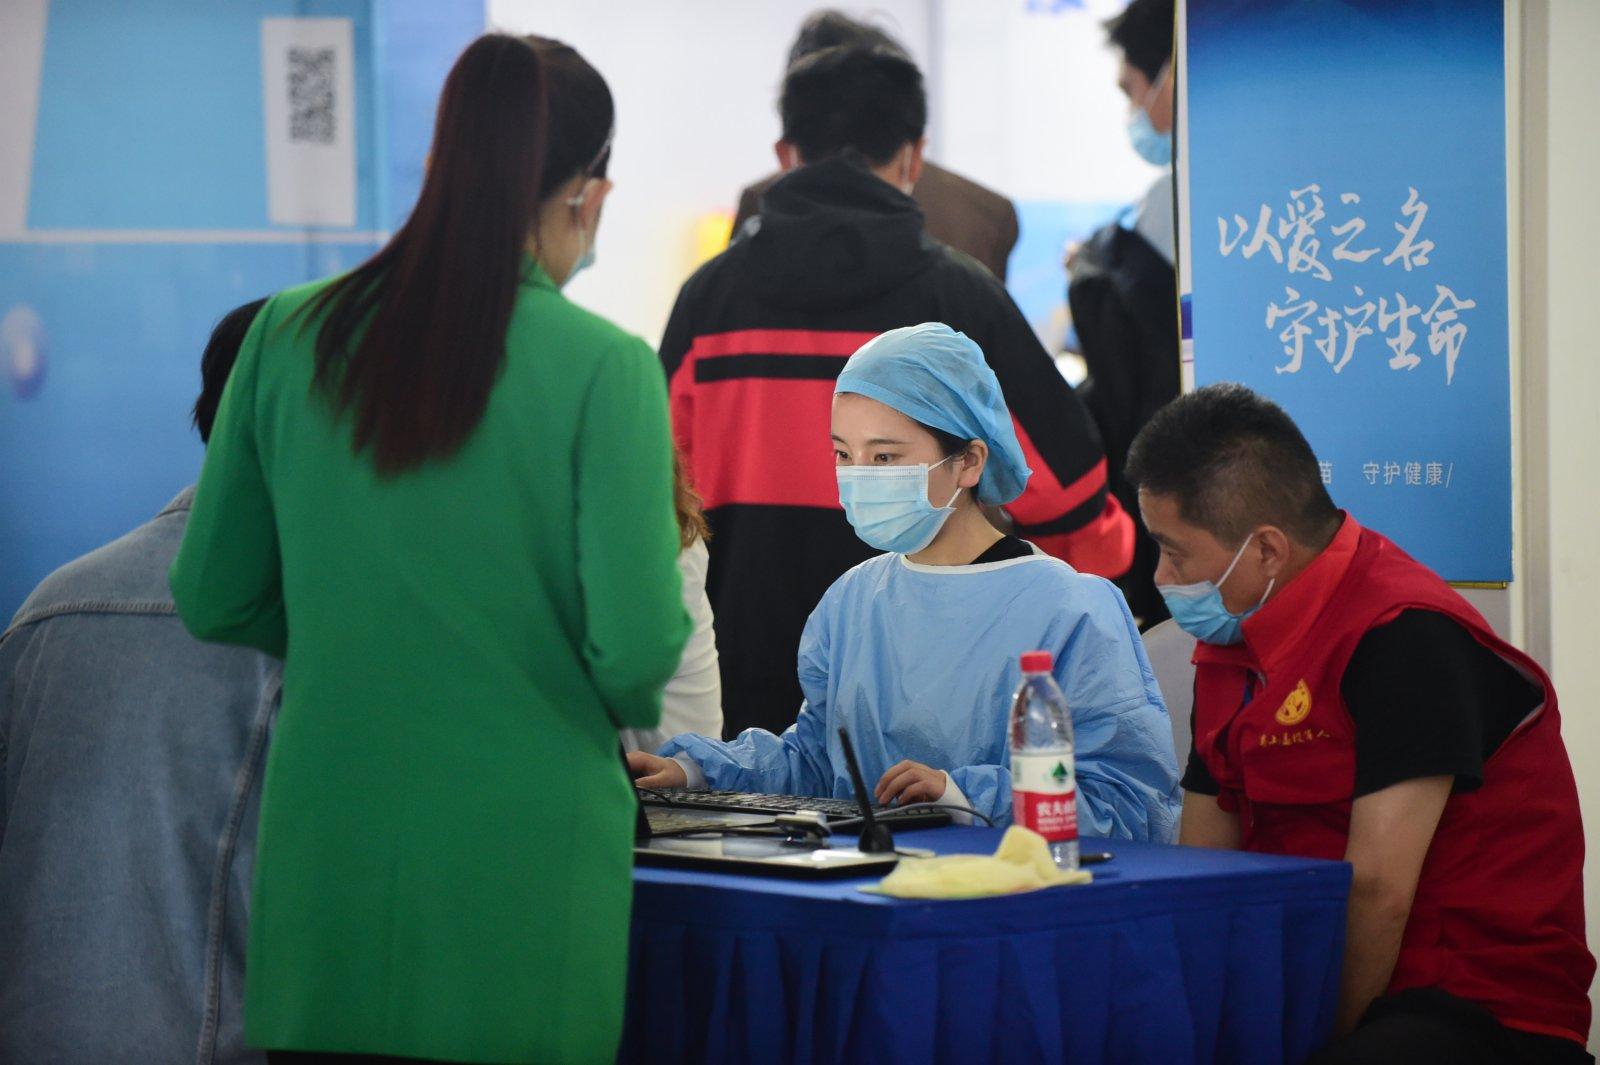 5月16日,在合肥市蜀山區奧體中心方艙接種點,醫務人員(右二)為接種新冠疫苗的市民登記信息。(新華社)